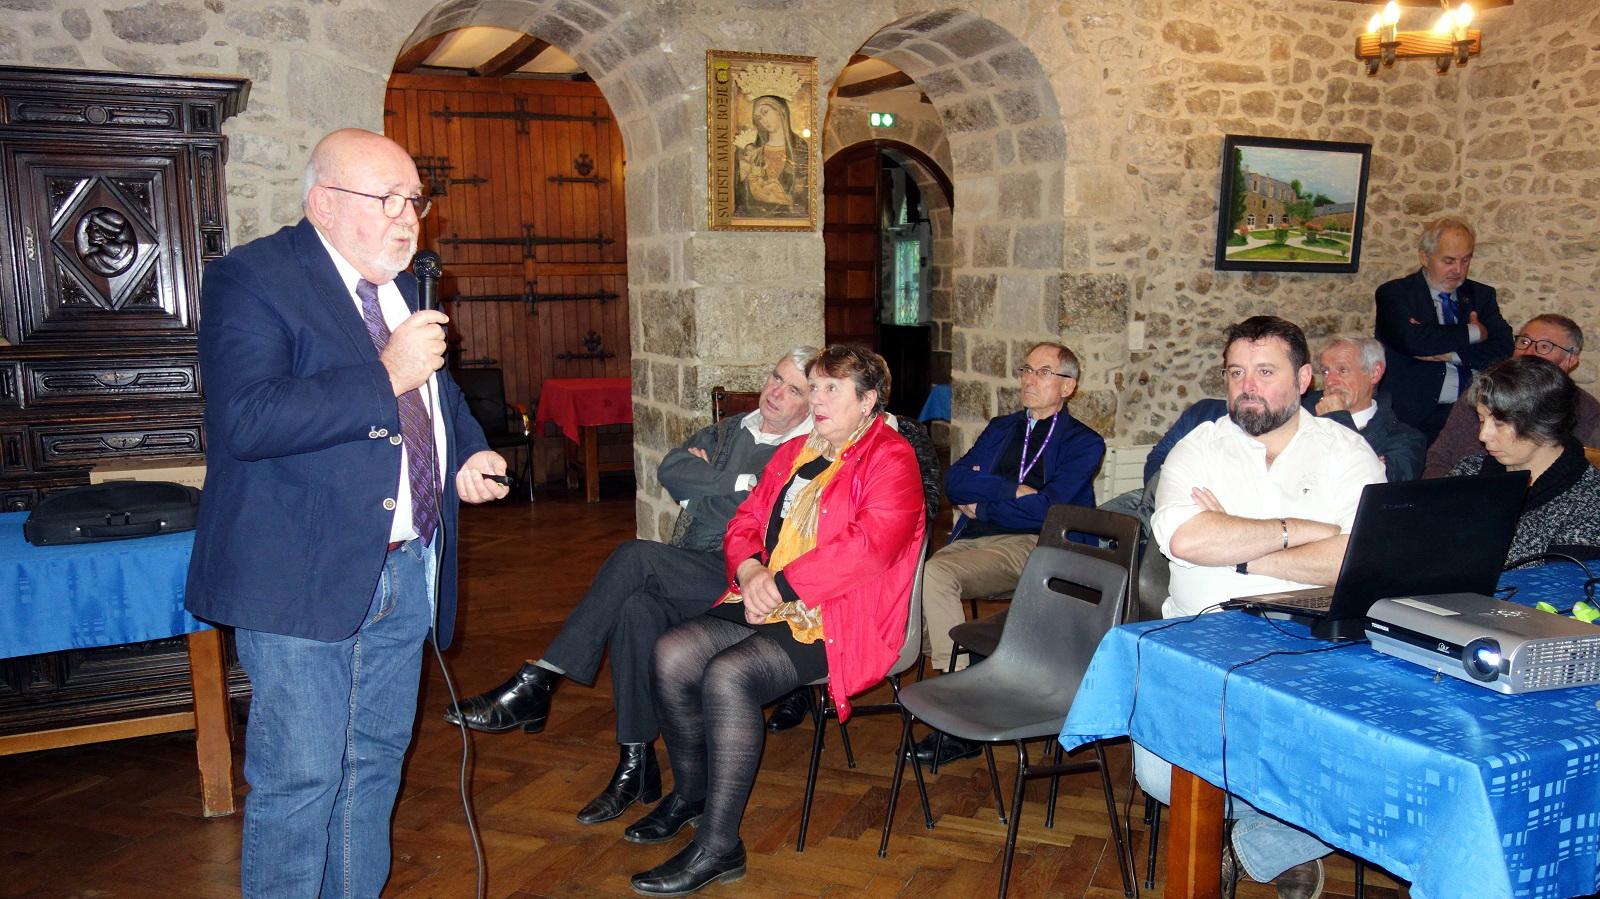 Les arpètes Bretons fêtent la Saint Eloi 11